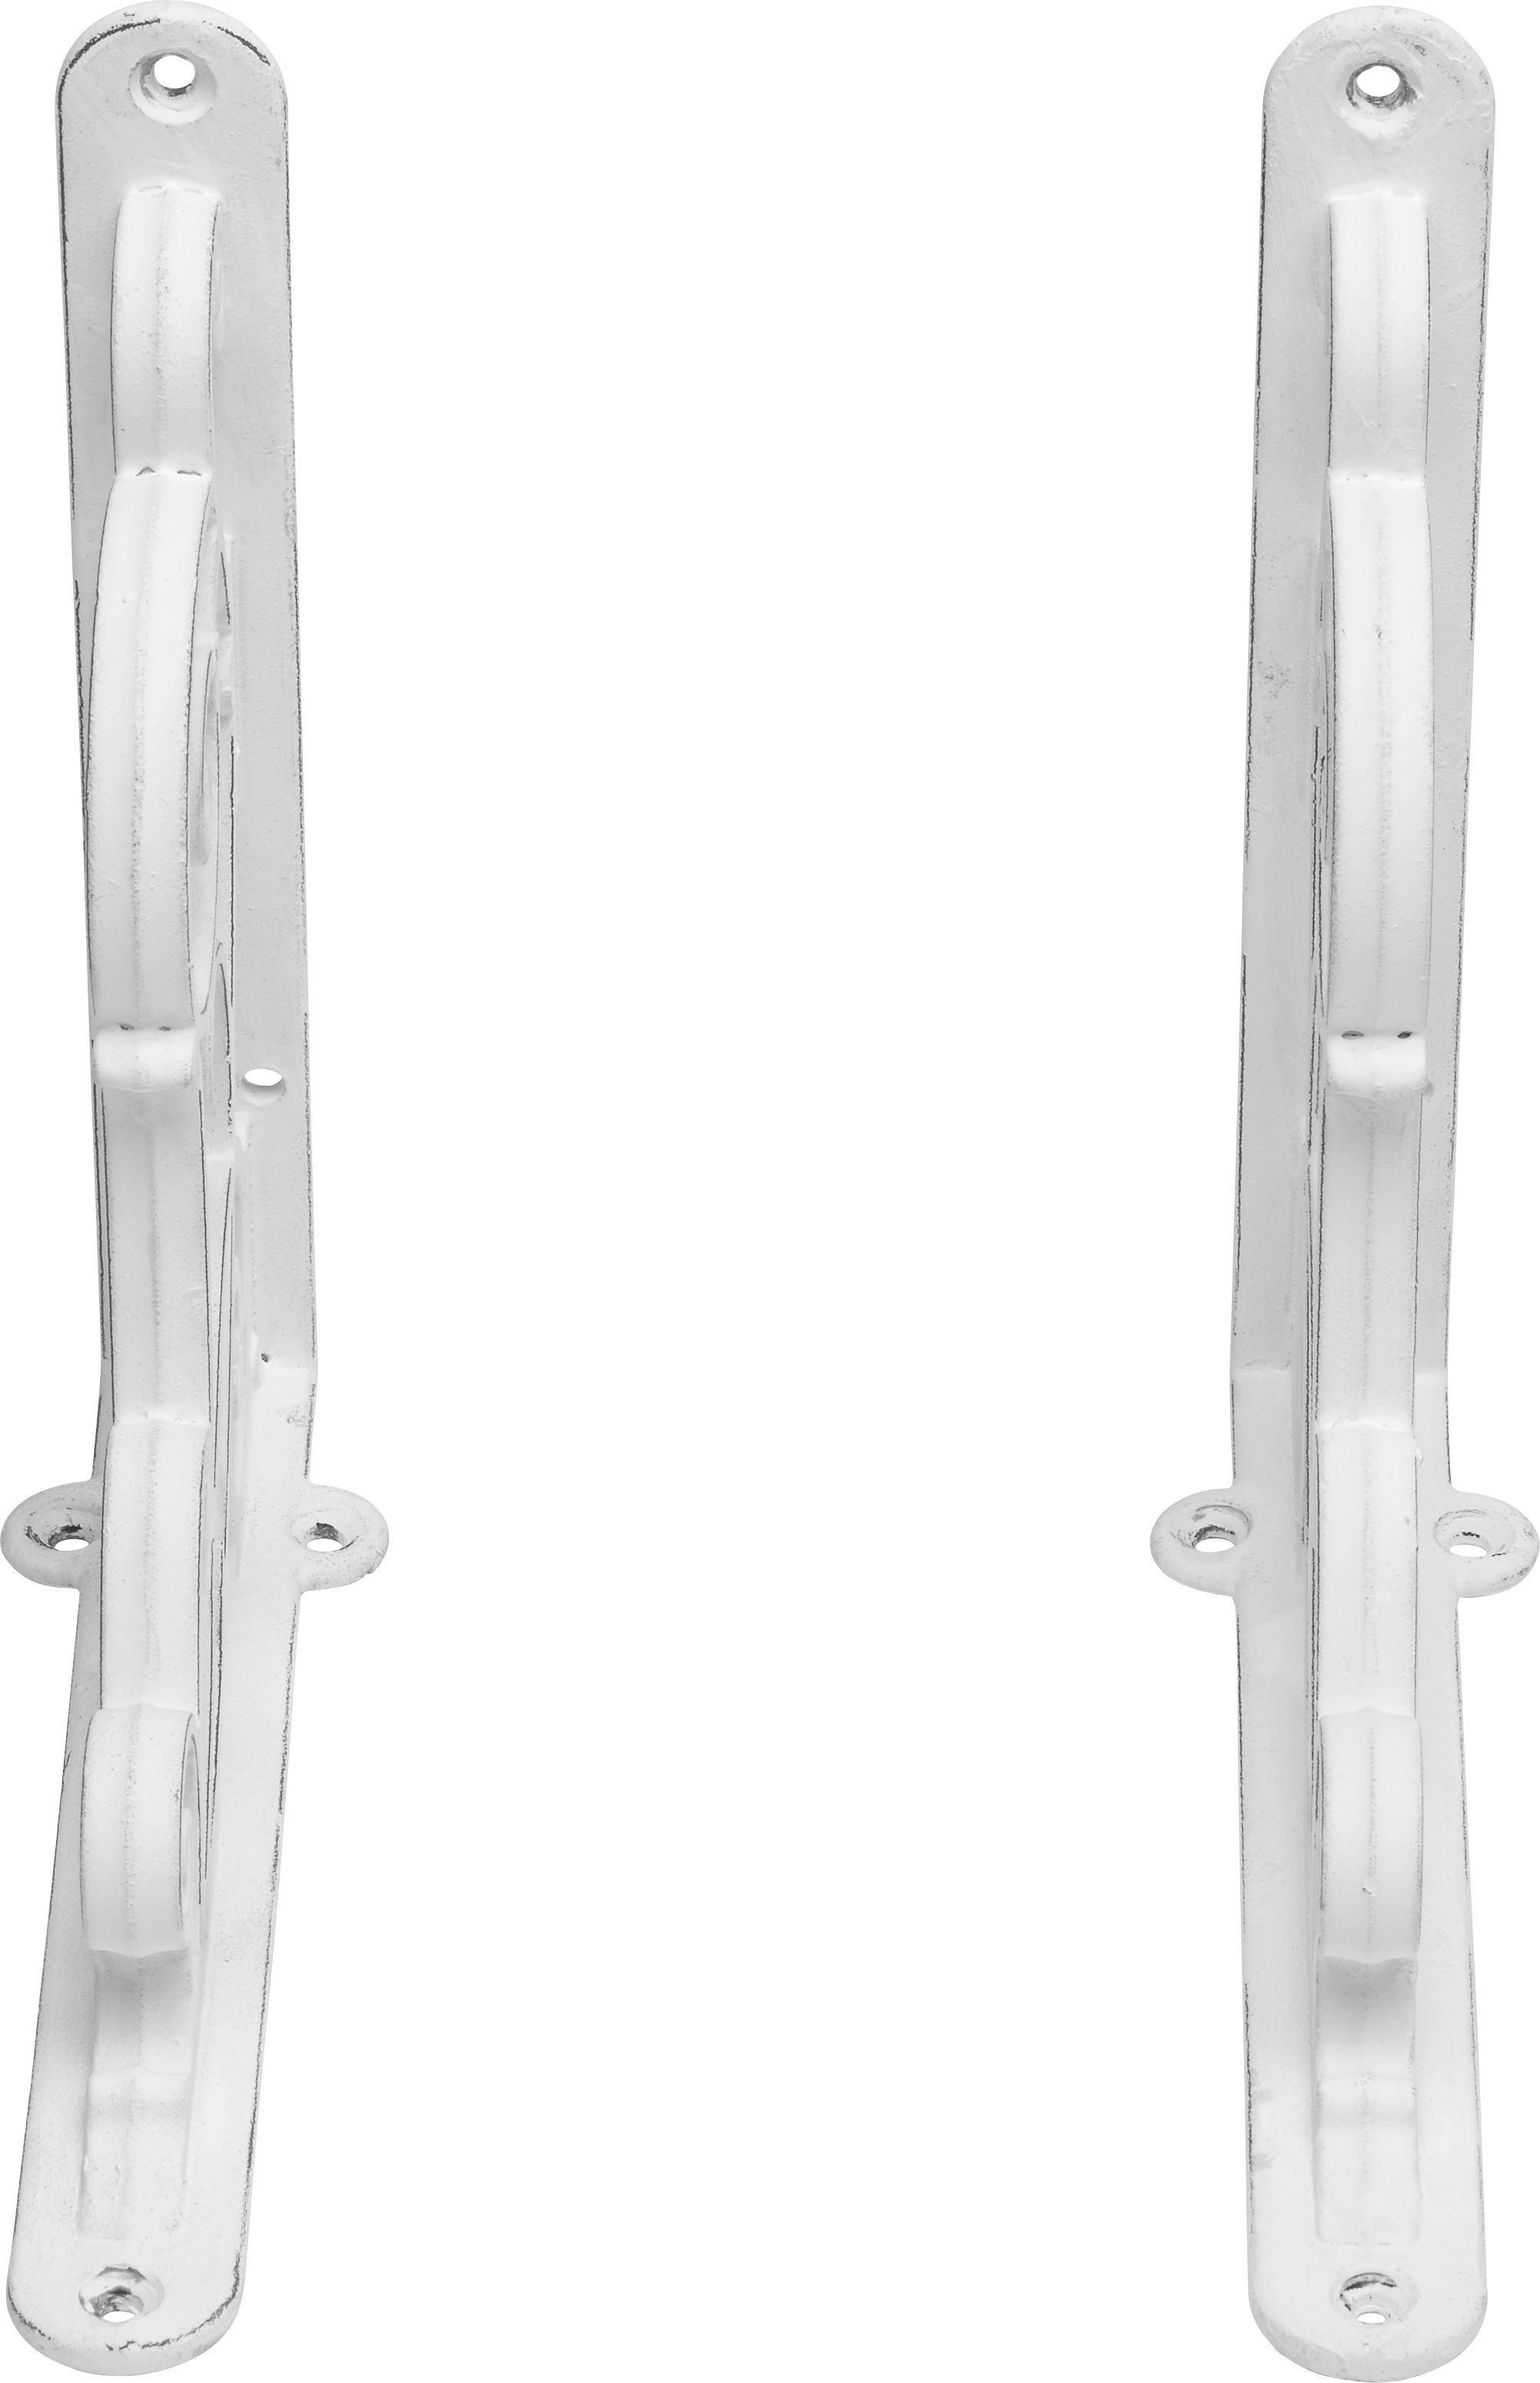 Wandhalter in Weiß aus Metall - Weiß, ROMANTIK / LANDHAUS, Metall - MÖMAX modern living